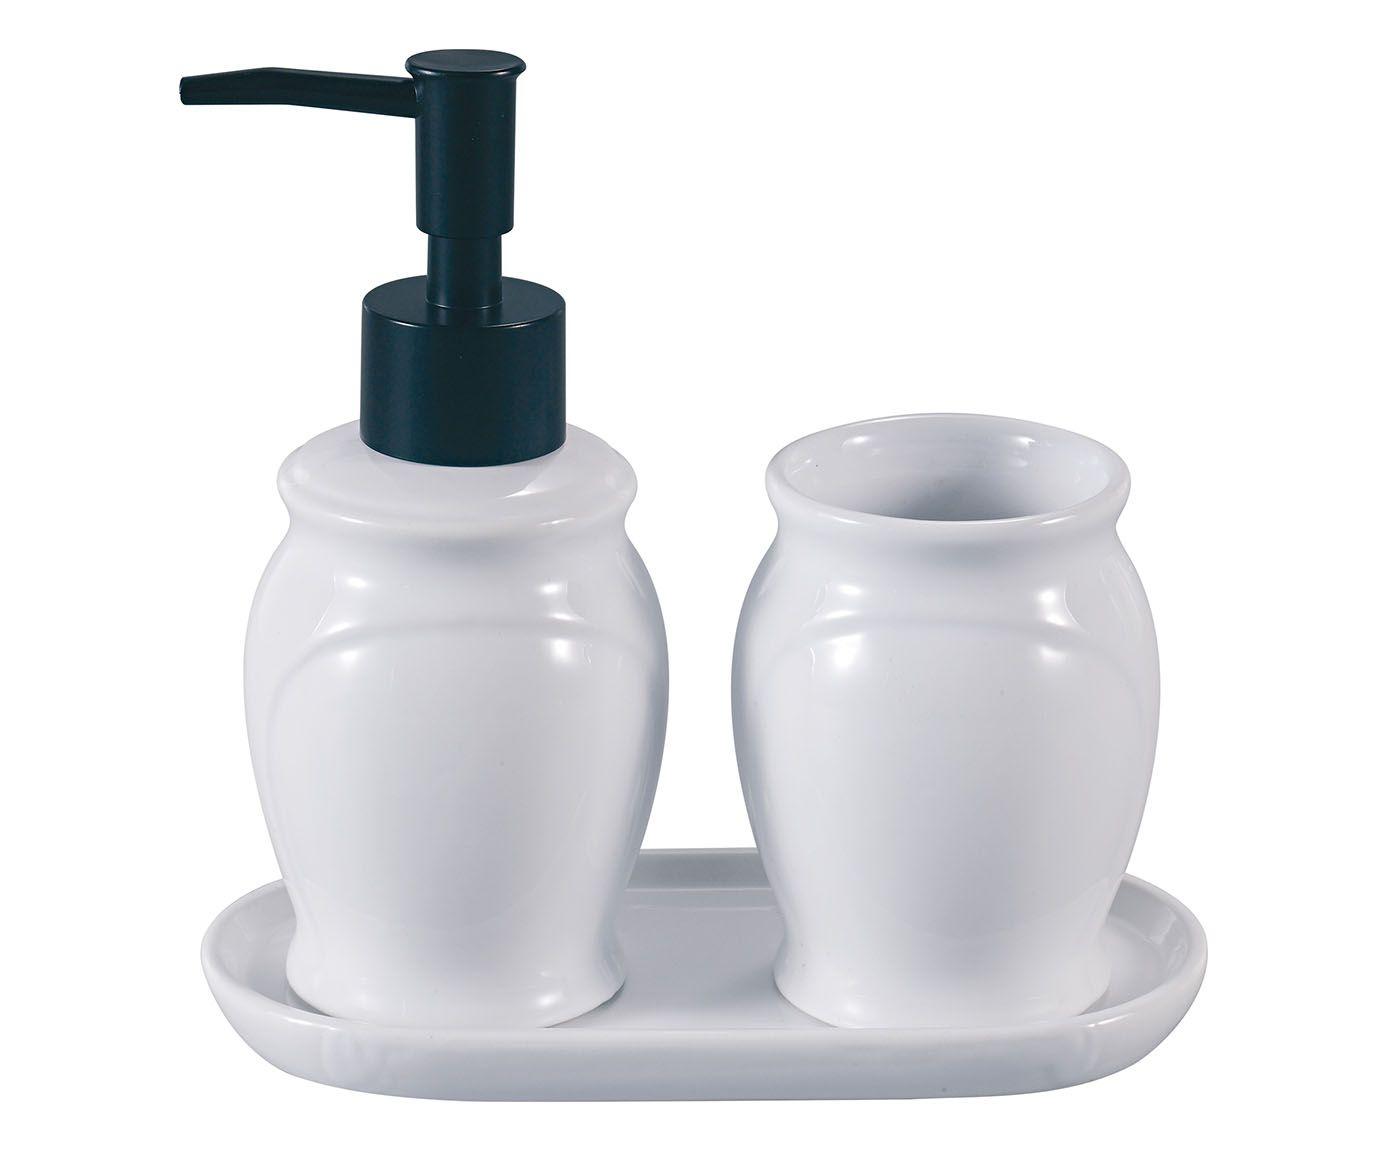 Jogo para Banheiro Paris Branco e Preto | Westwing.com.br